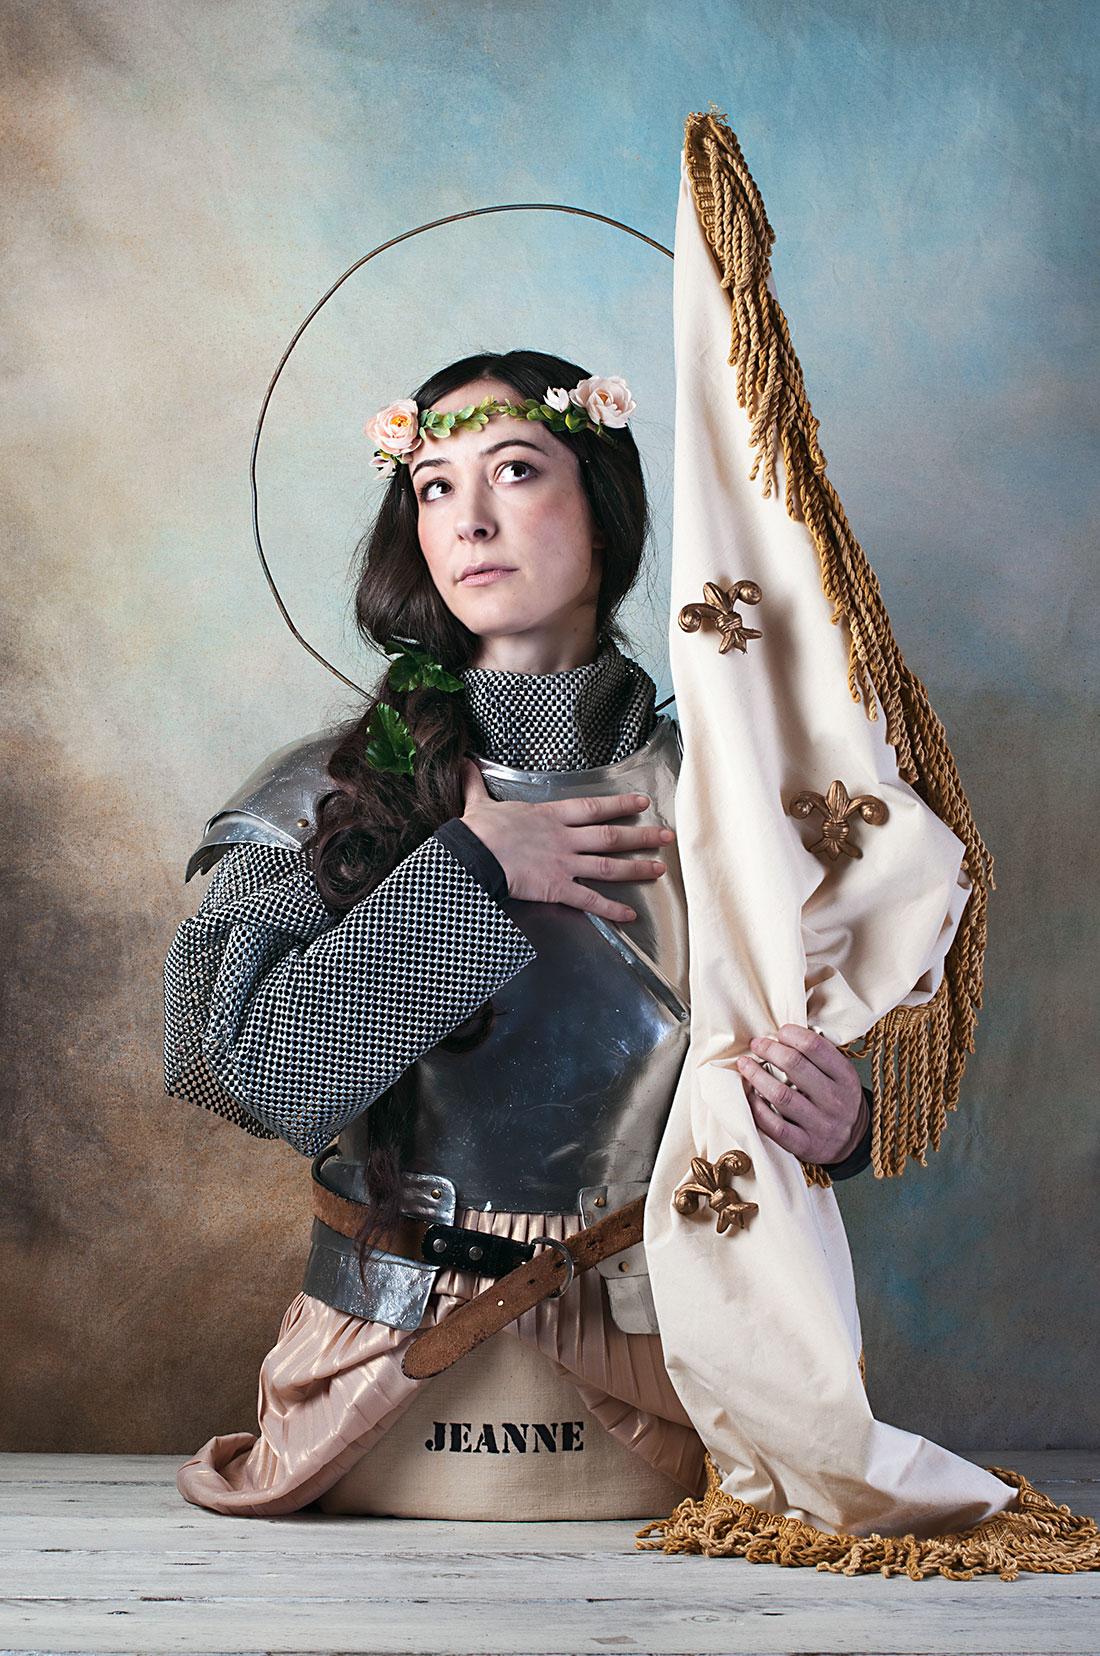 Jeanne-aurora-giampaoli-santi-e-mostri